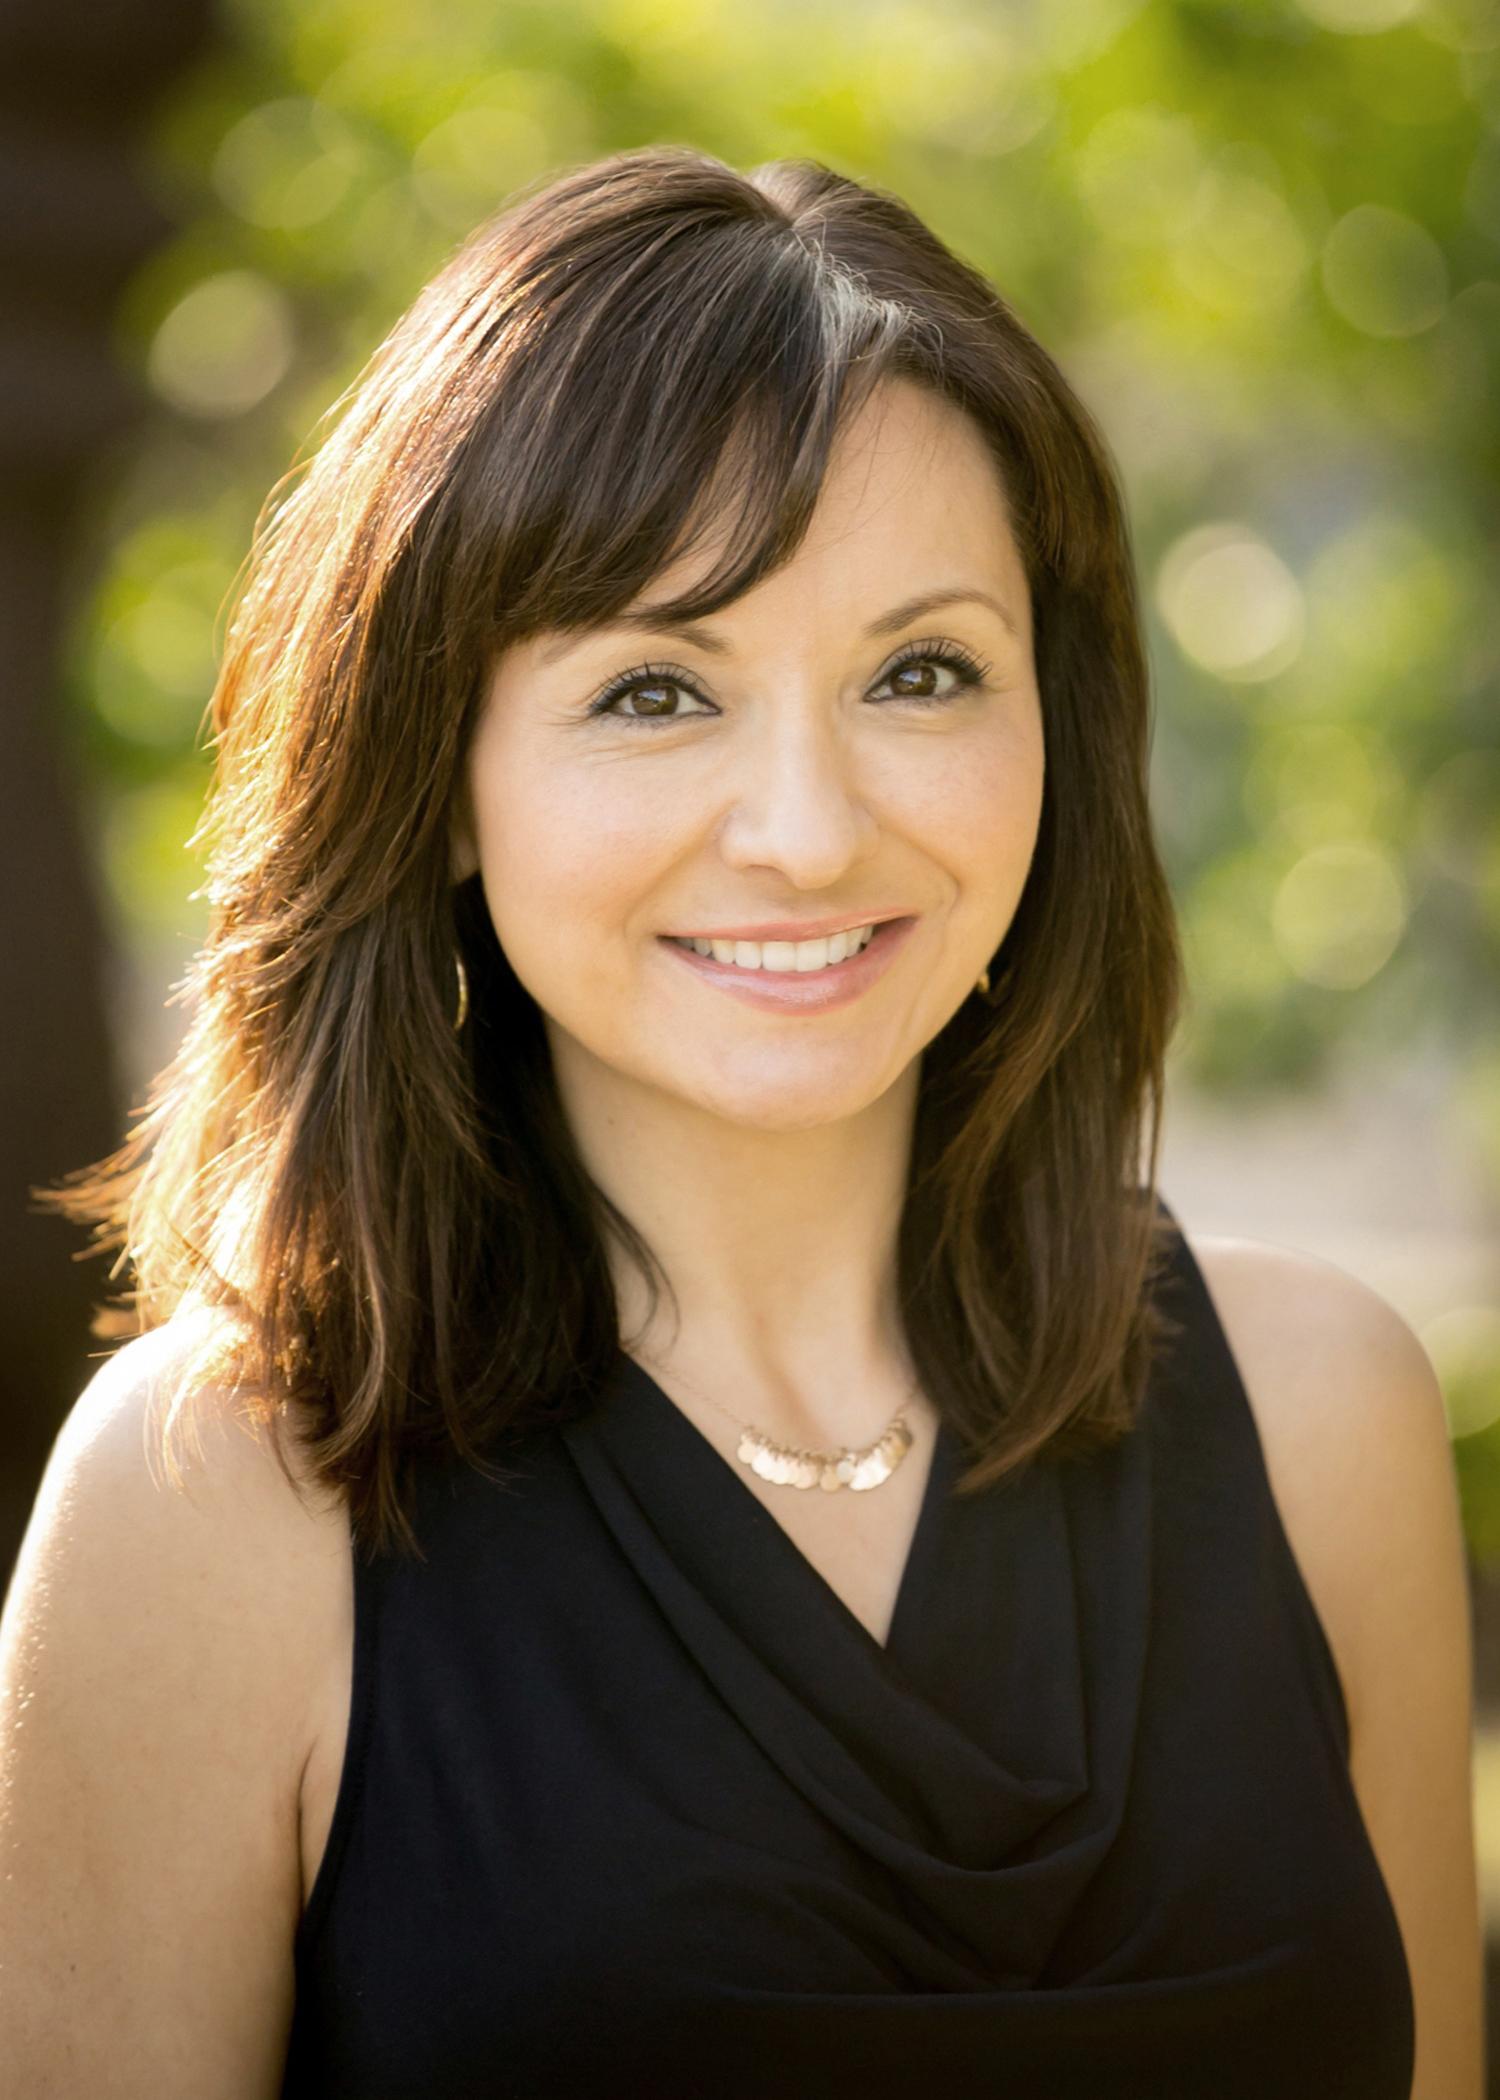 Veronica Hidalgo